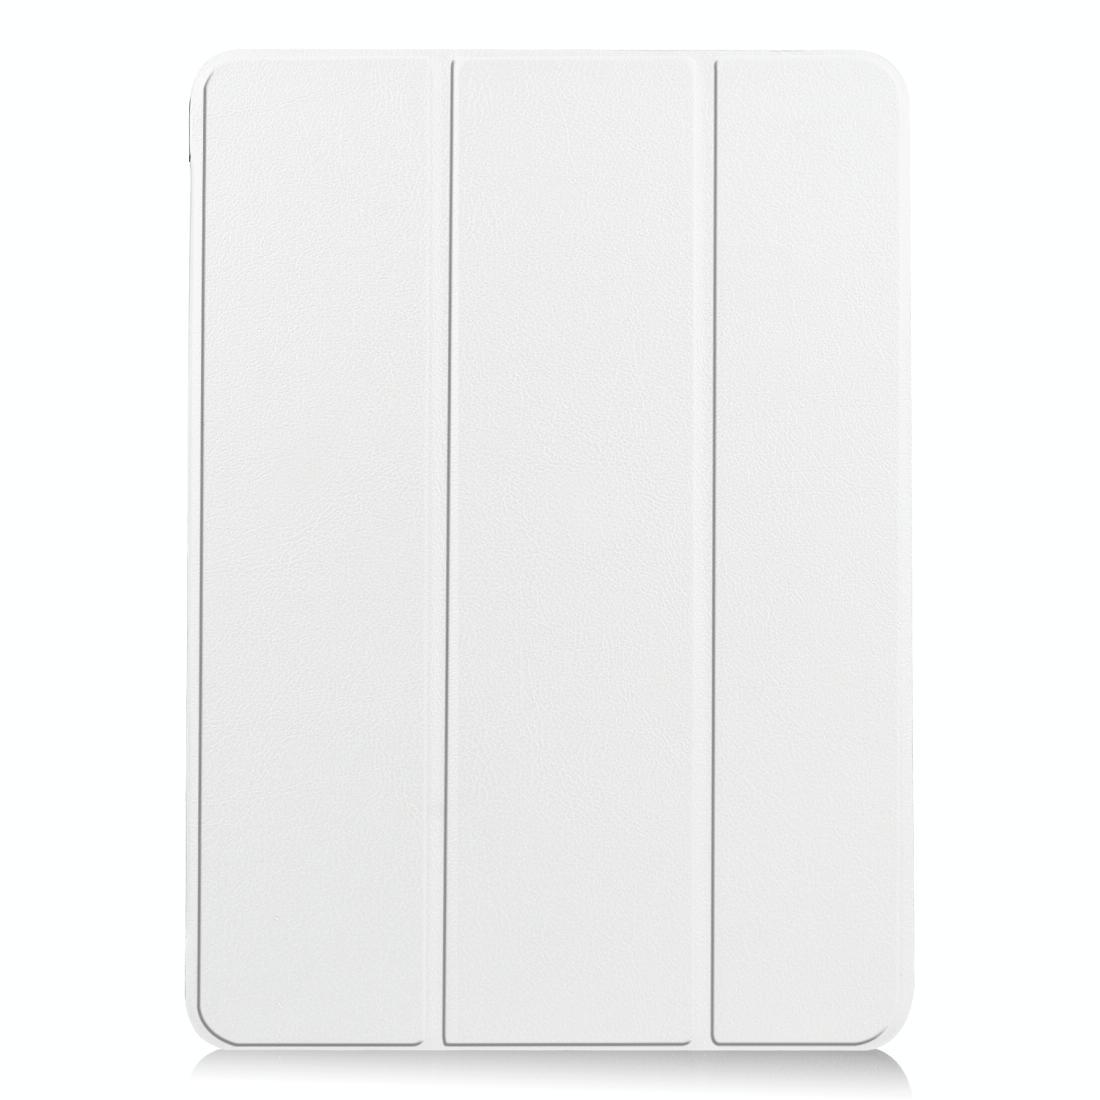 아이패드 에어4 쿠스터 가죽 패턴 접이식 플립 케이스 (화이트)